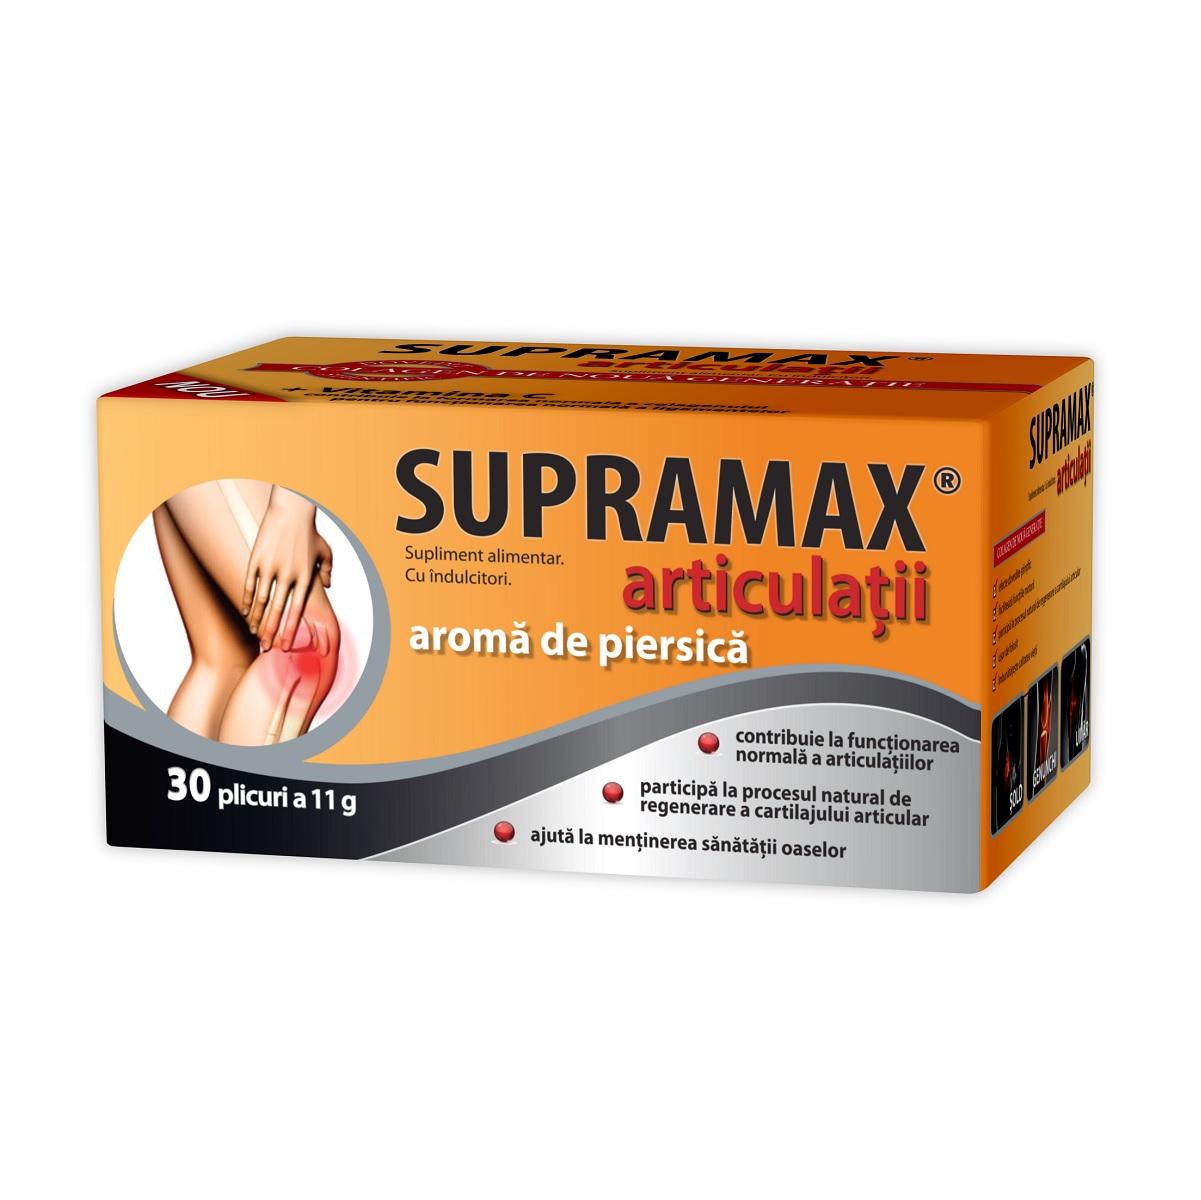 medicament pentru ridicare electrică a articulațiilor